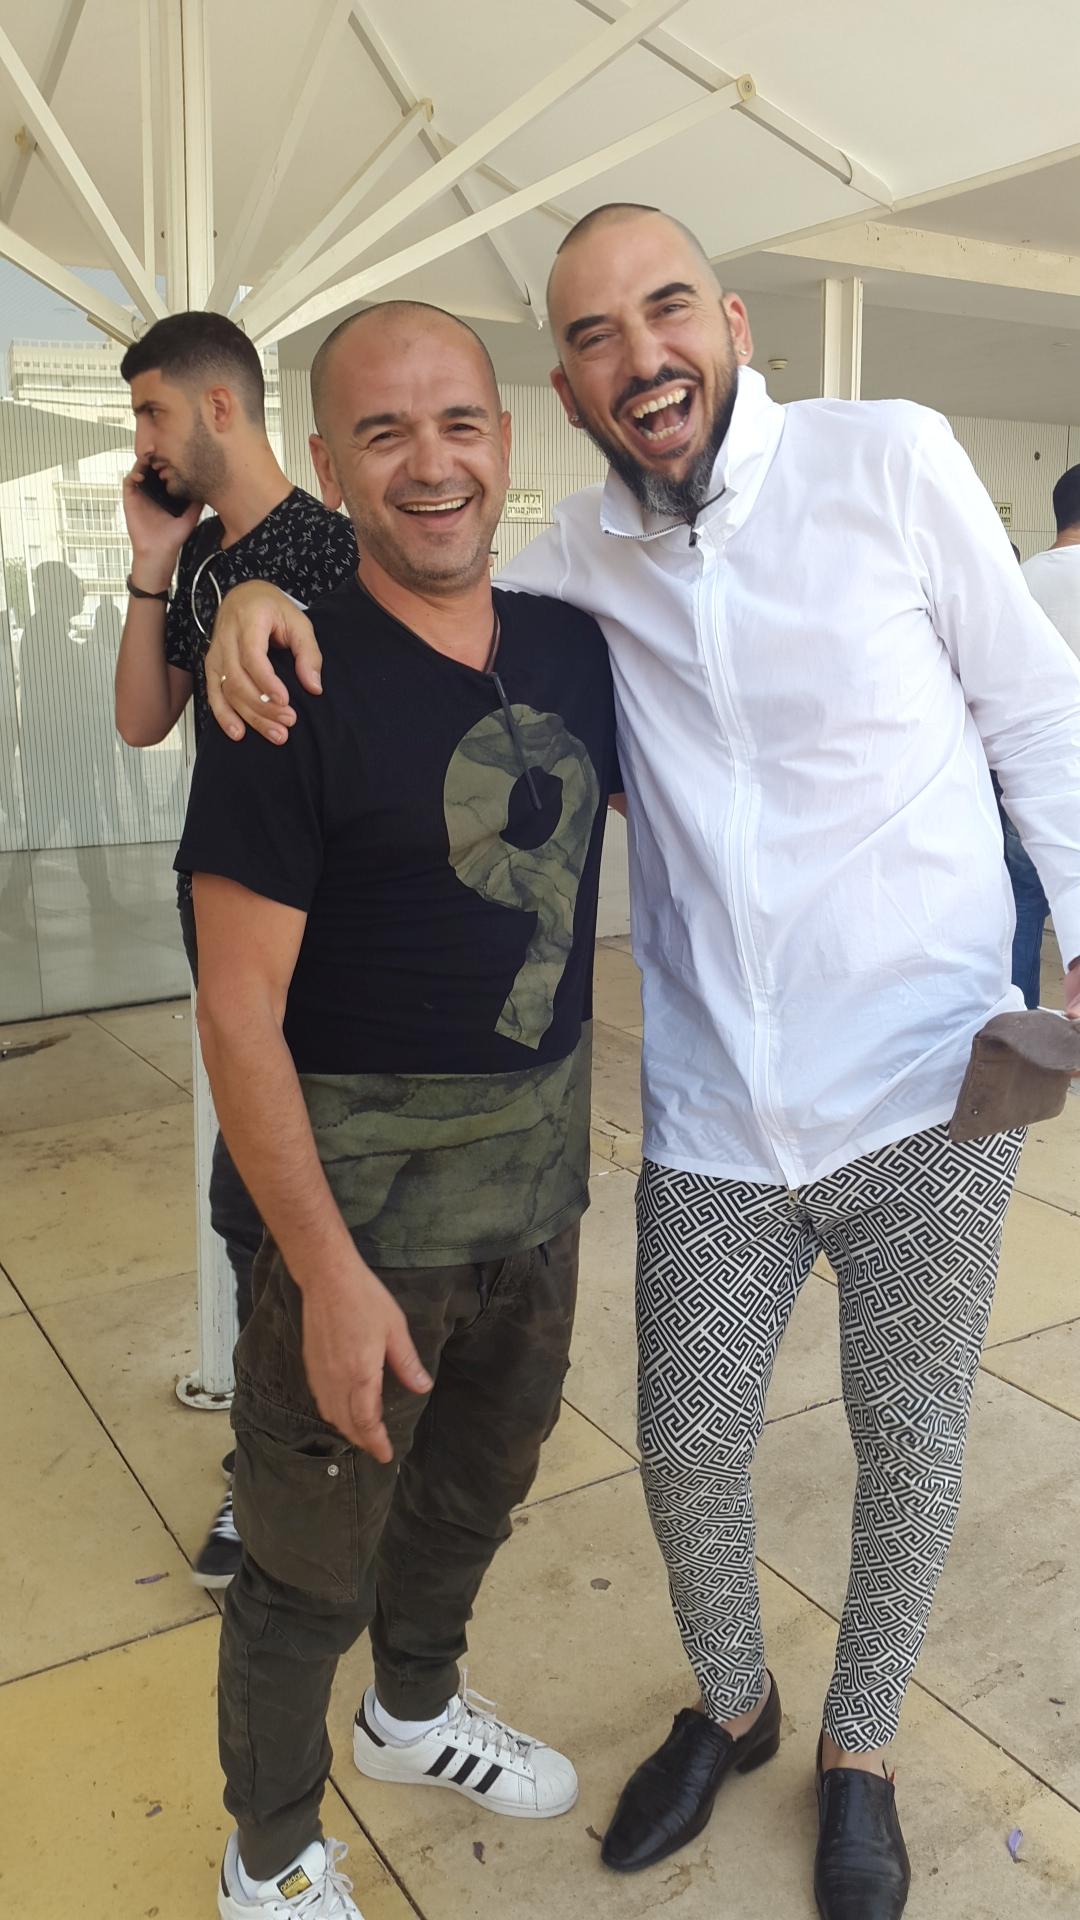 עמוס זרד ויגאל לובטון צילום הדליין